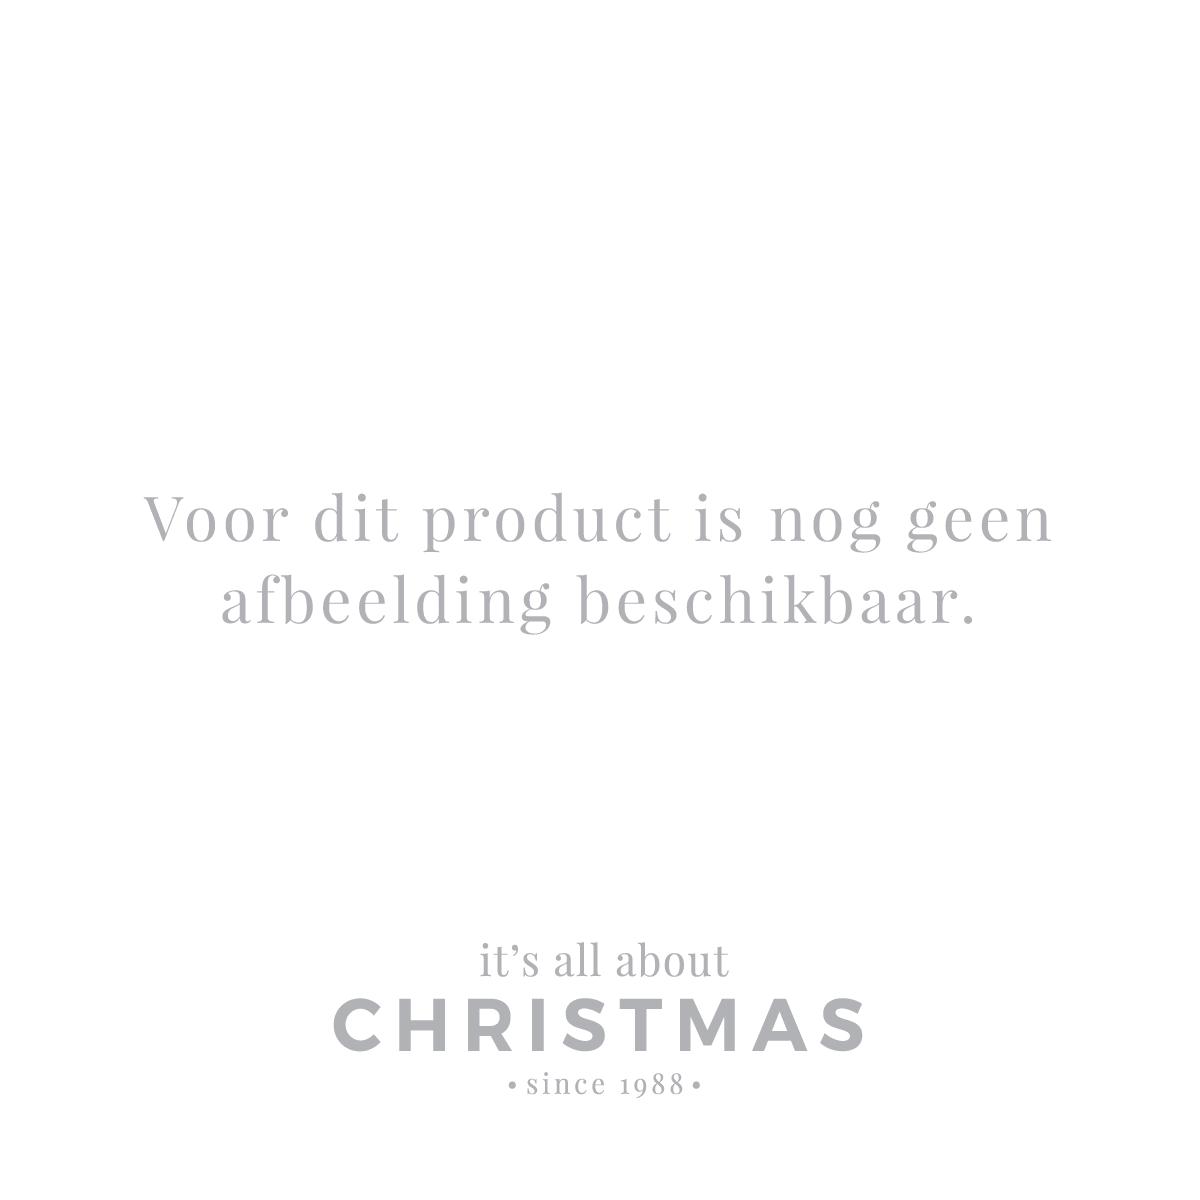 Weiß Christbaumkugeln Kunststoff.Weihnachtskugeln Kunststoff Günstig Weihnachtsdekoration At